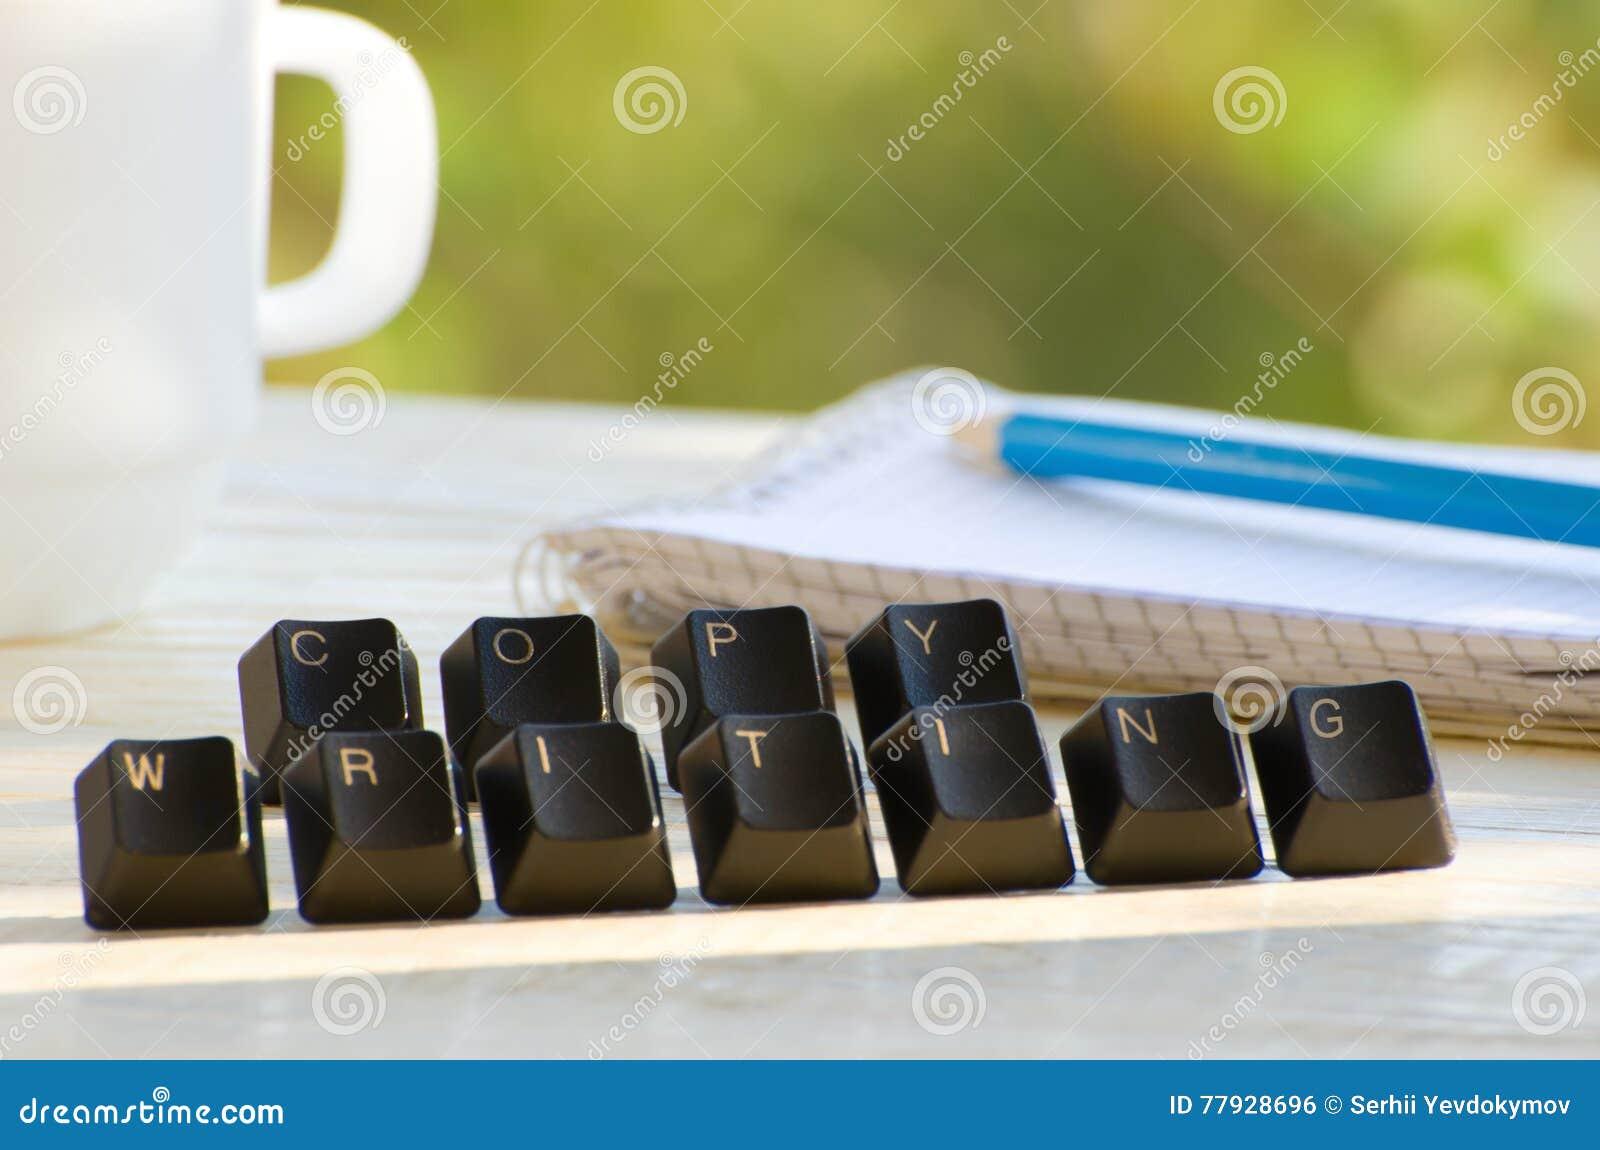 Llaves de ordenador en una tabla blanca, la palabra Copywriting, el cuaderno y la taza en fondo verde